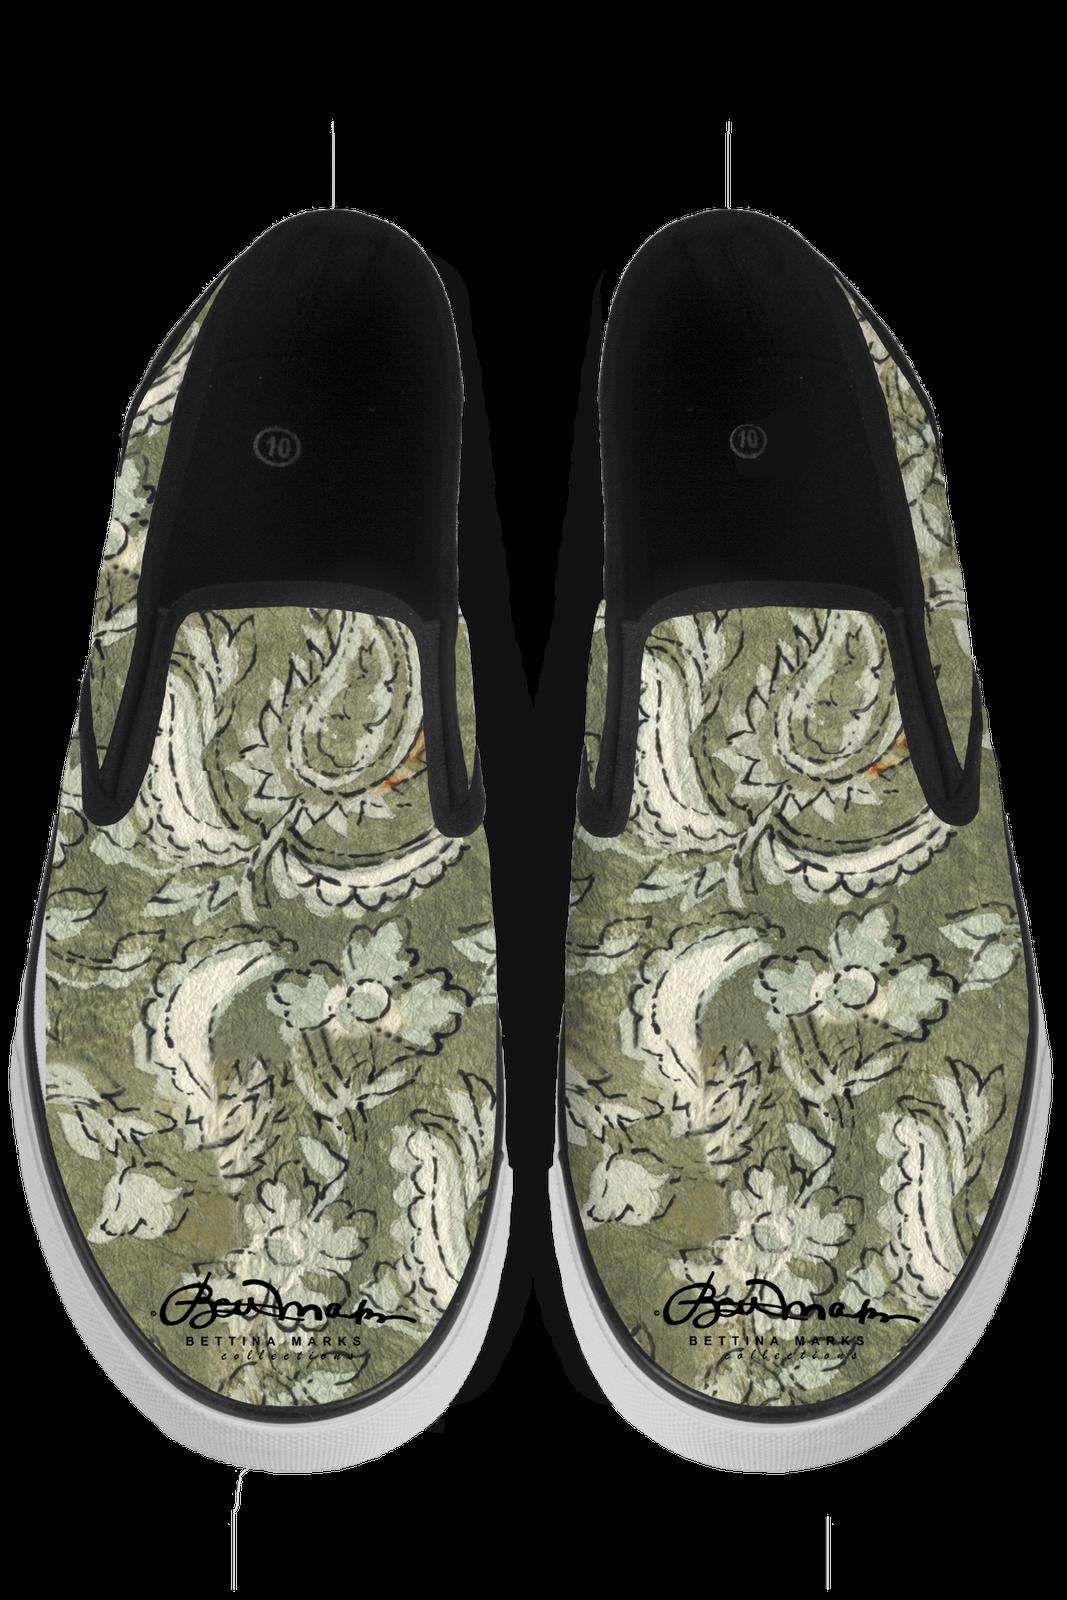 Floral Paisley Slip On Sneakers Sneakers Sneakers 2b62d5